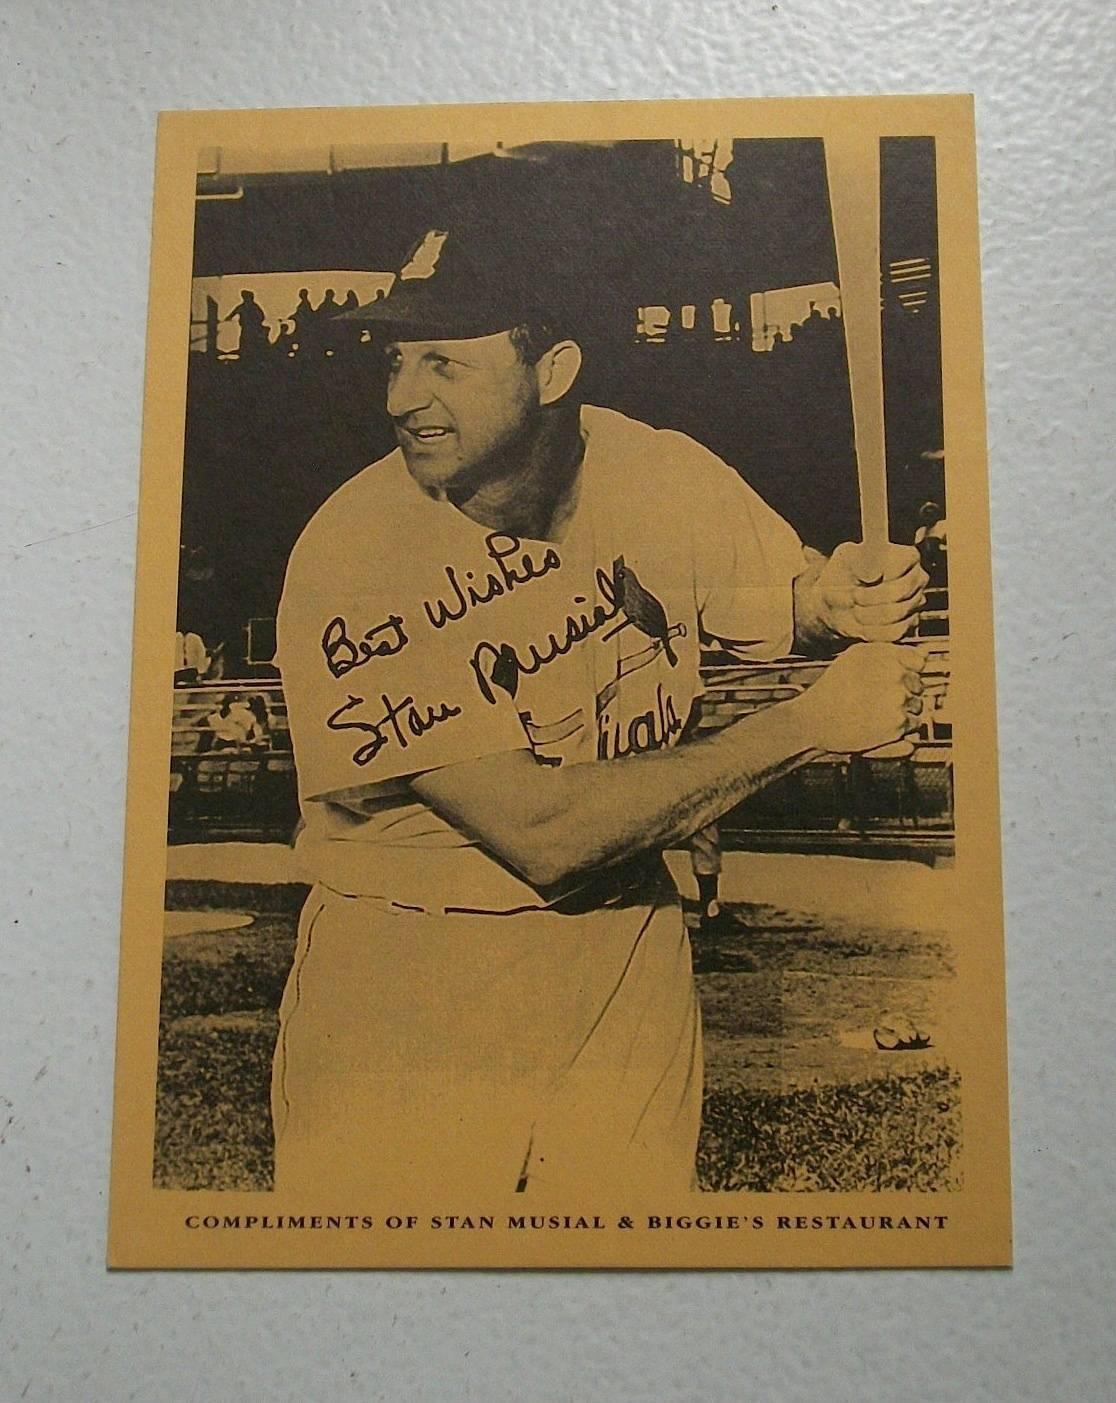 RARE Stan Musial & Biggies Restaurant Card MINT